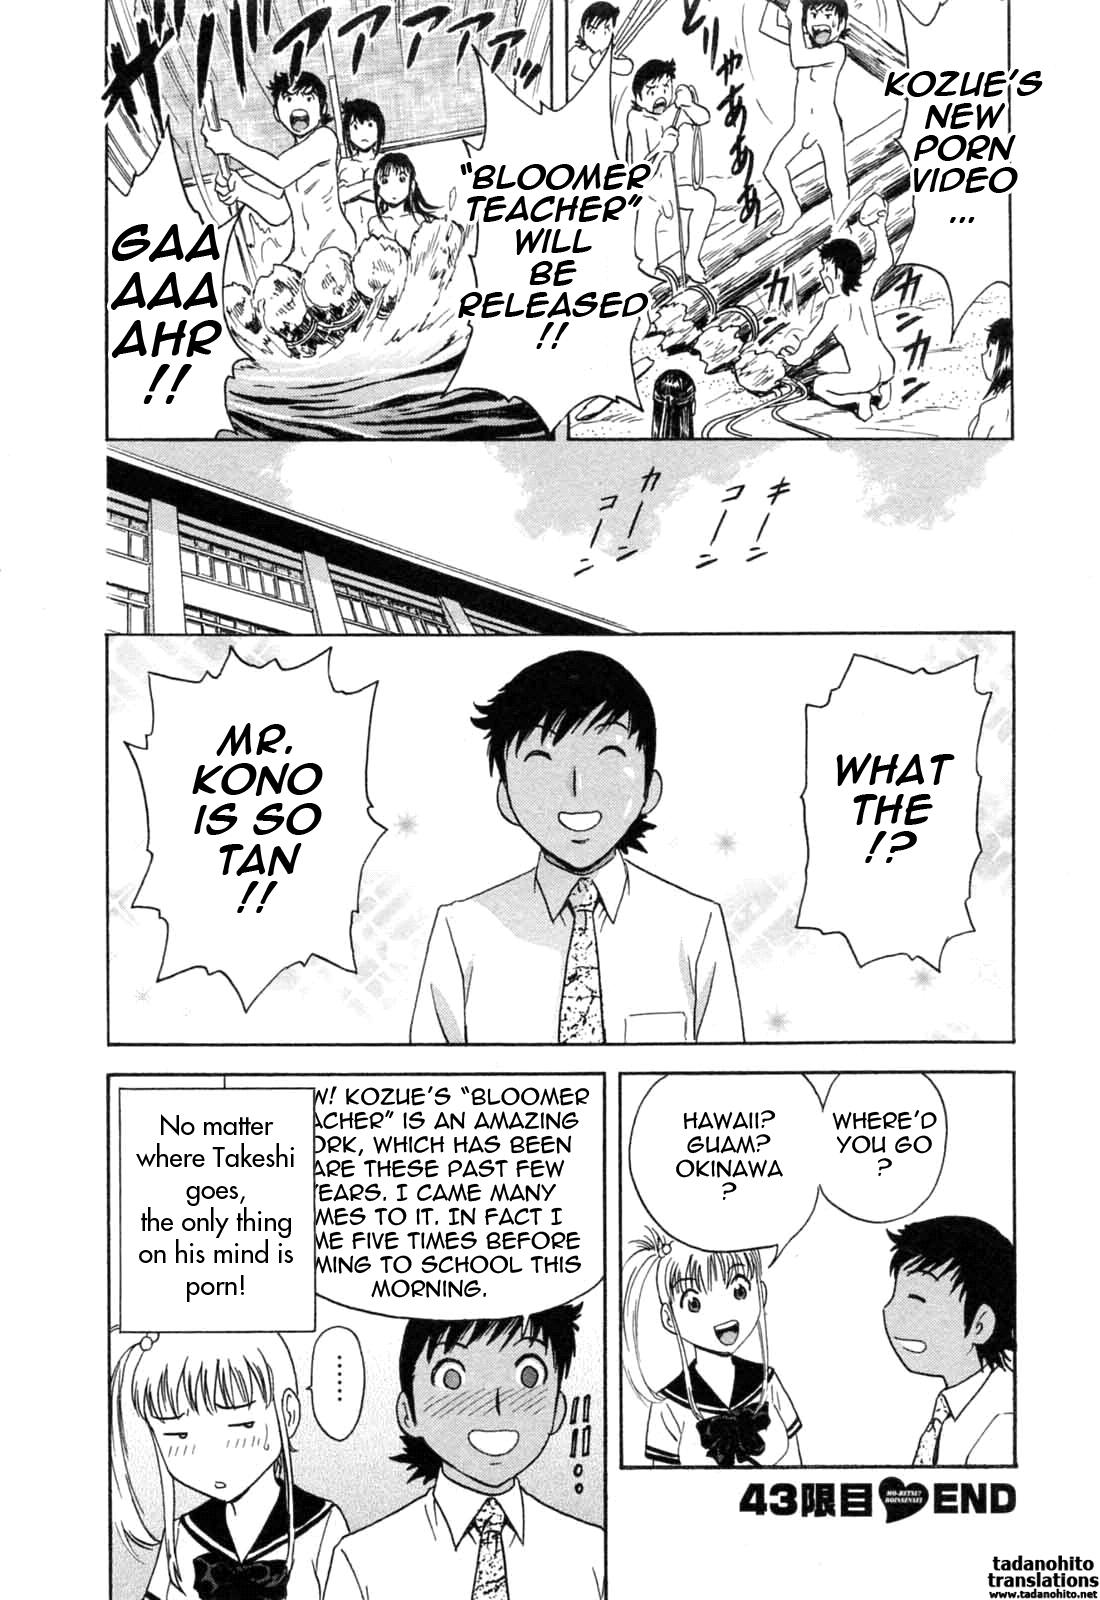 [Hidemaru] Mo-Retsu! Boin Sensei (Boing Boing Teacher) Vol.5 [English] [4dawgz] [Tadanohito] 150